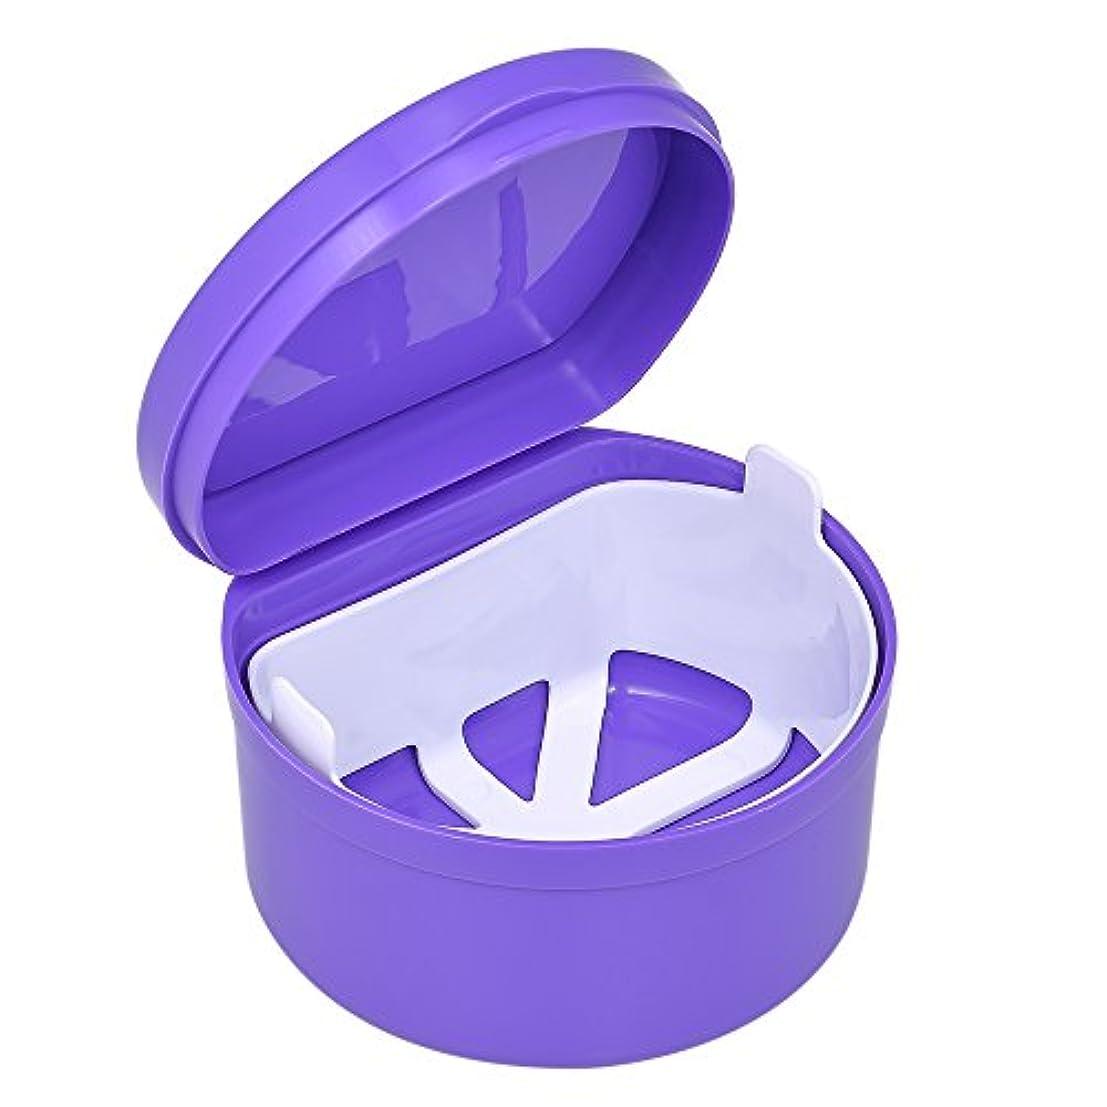 陰謀アッティカス賢明なDecdeal 1Pc 義歯ボックス 義歯ケース 歯科 偽歯掃除ボックス 義歯バス容器 リテーナー義歯ホルダー